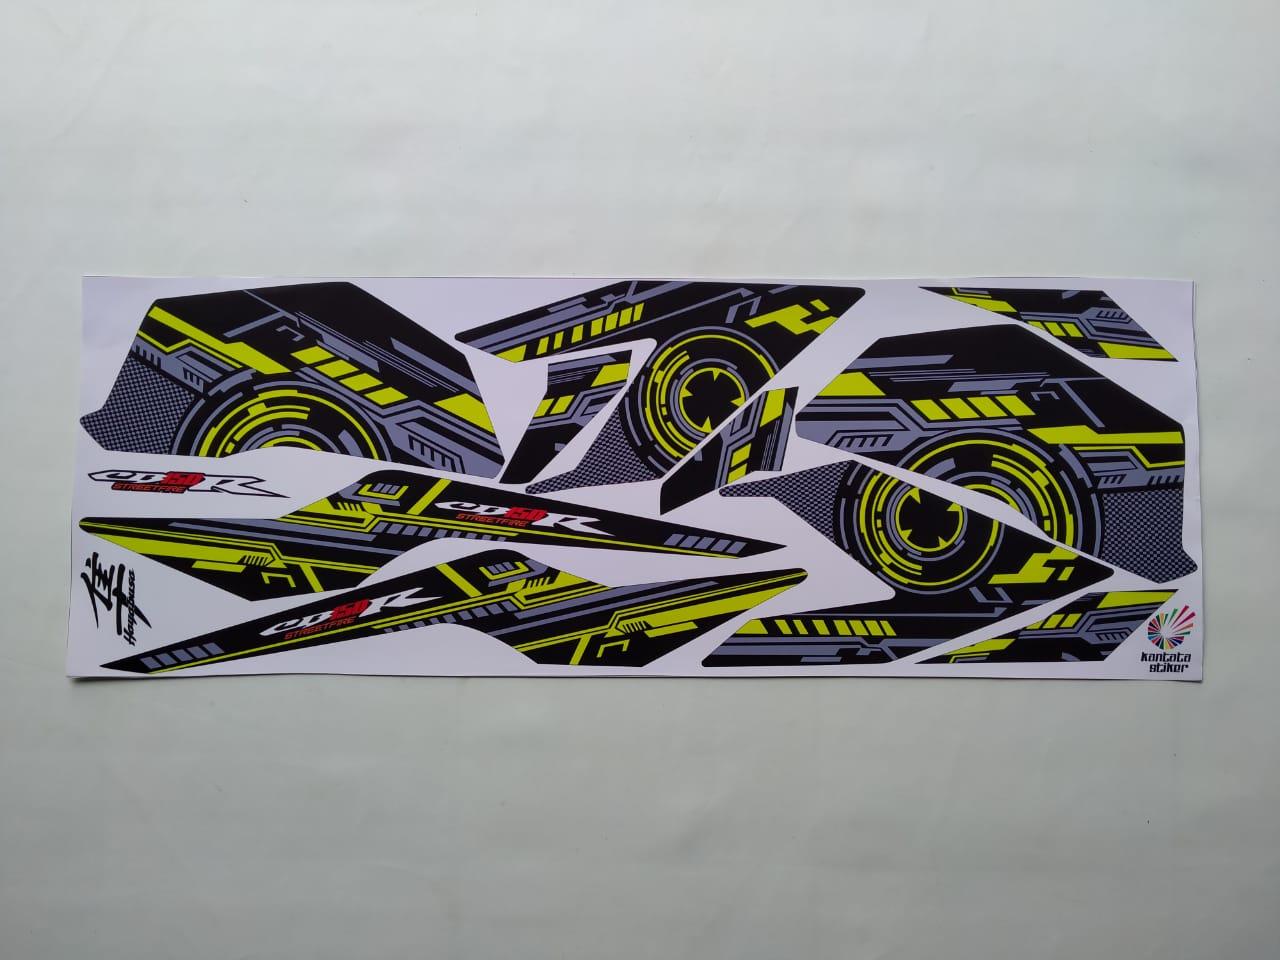 stiker striping motor cb150r variasi hitam hijau stabilo